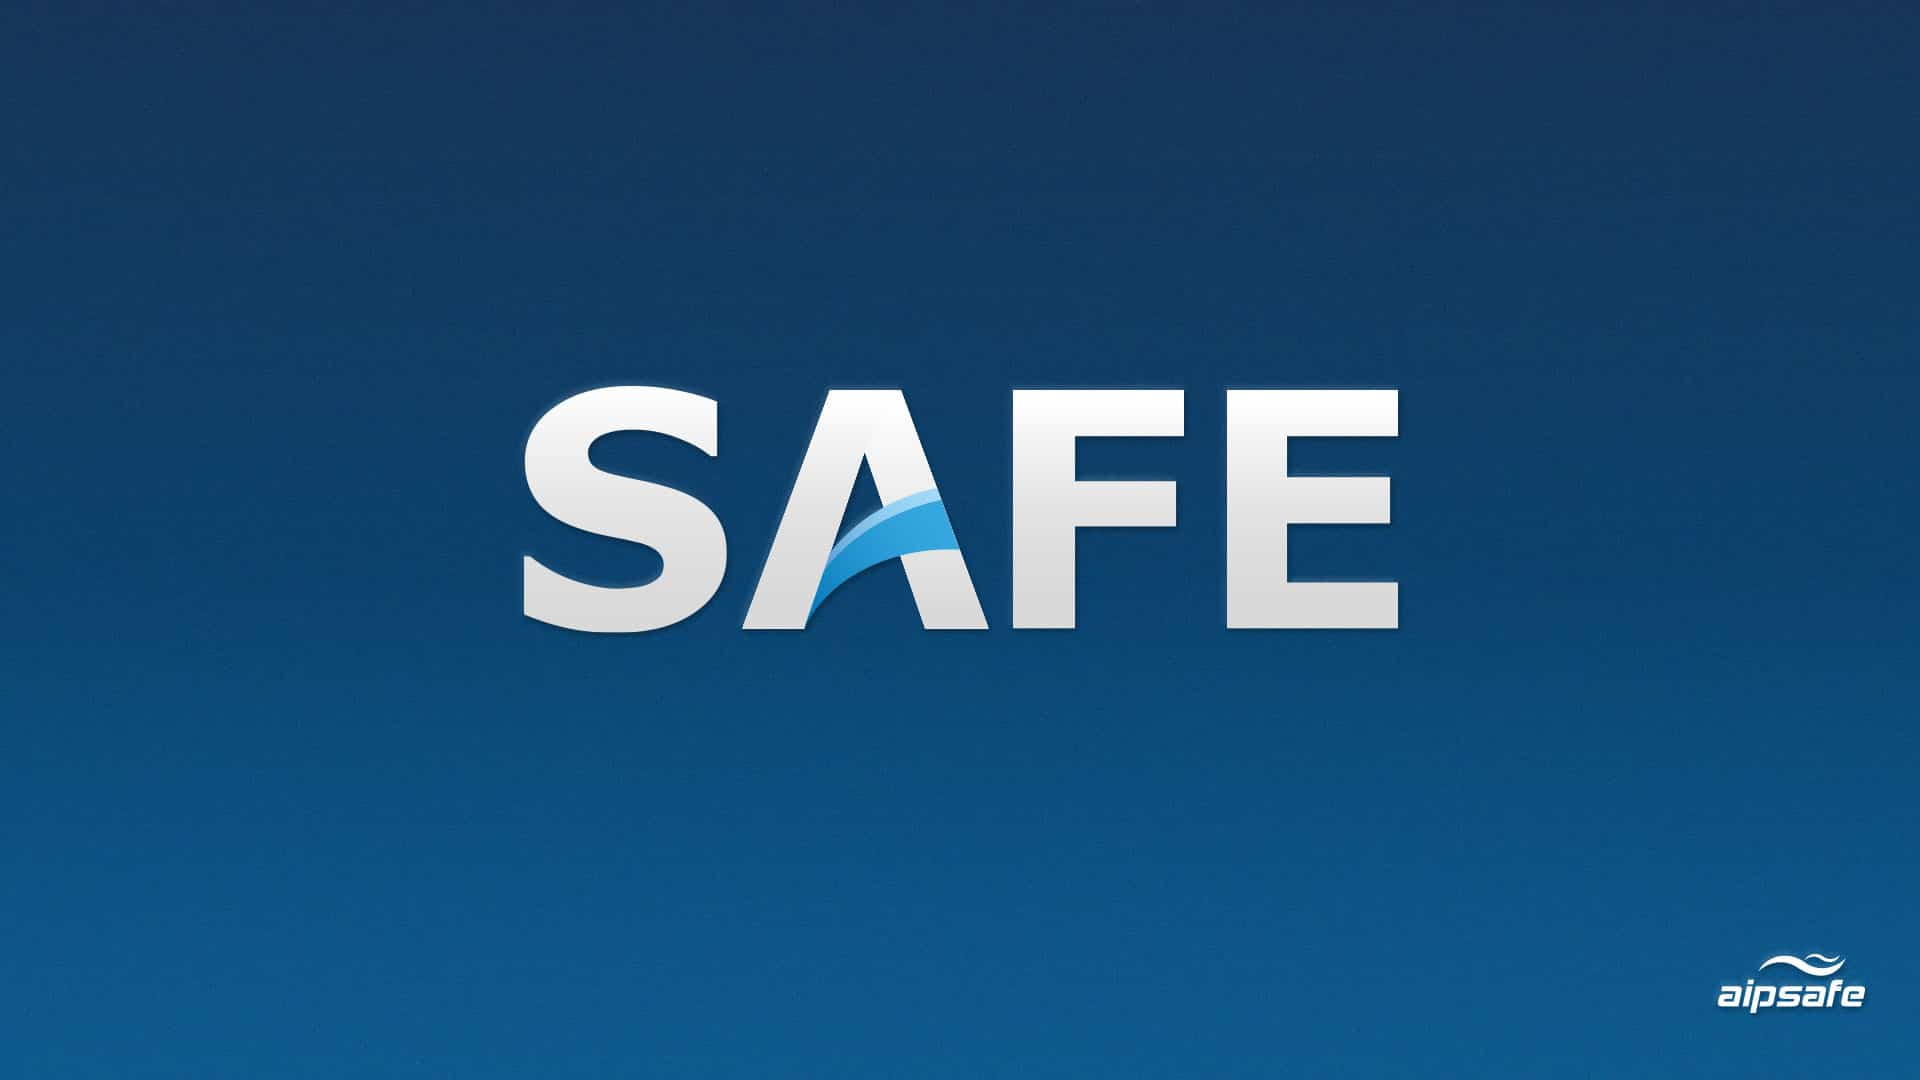 SAFE-1920x1080-a1